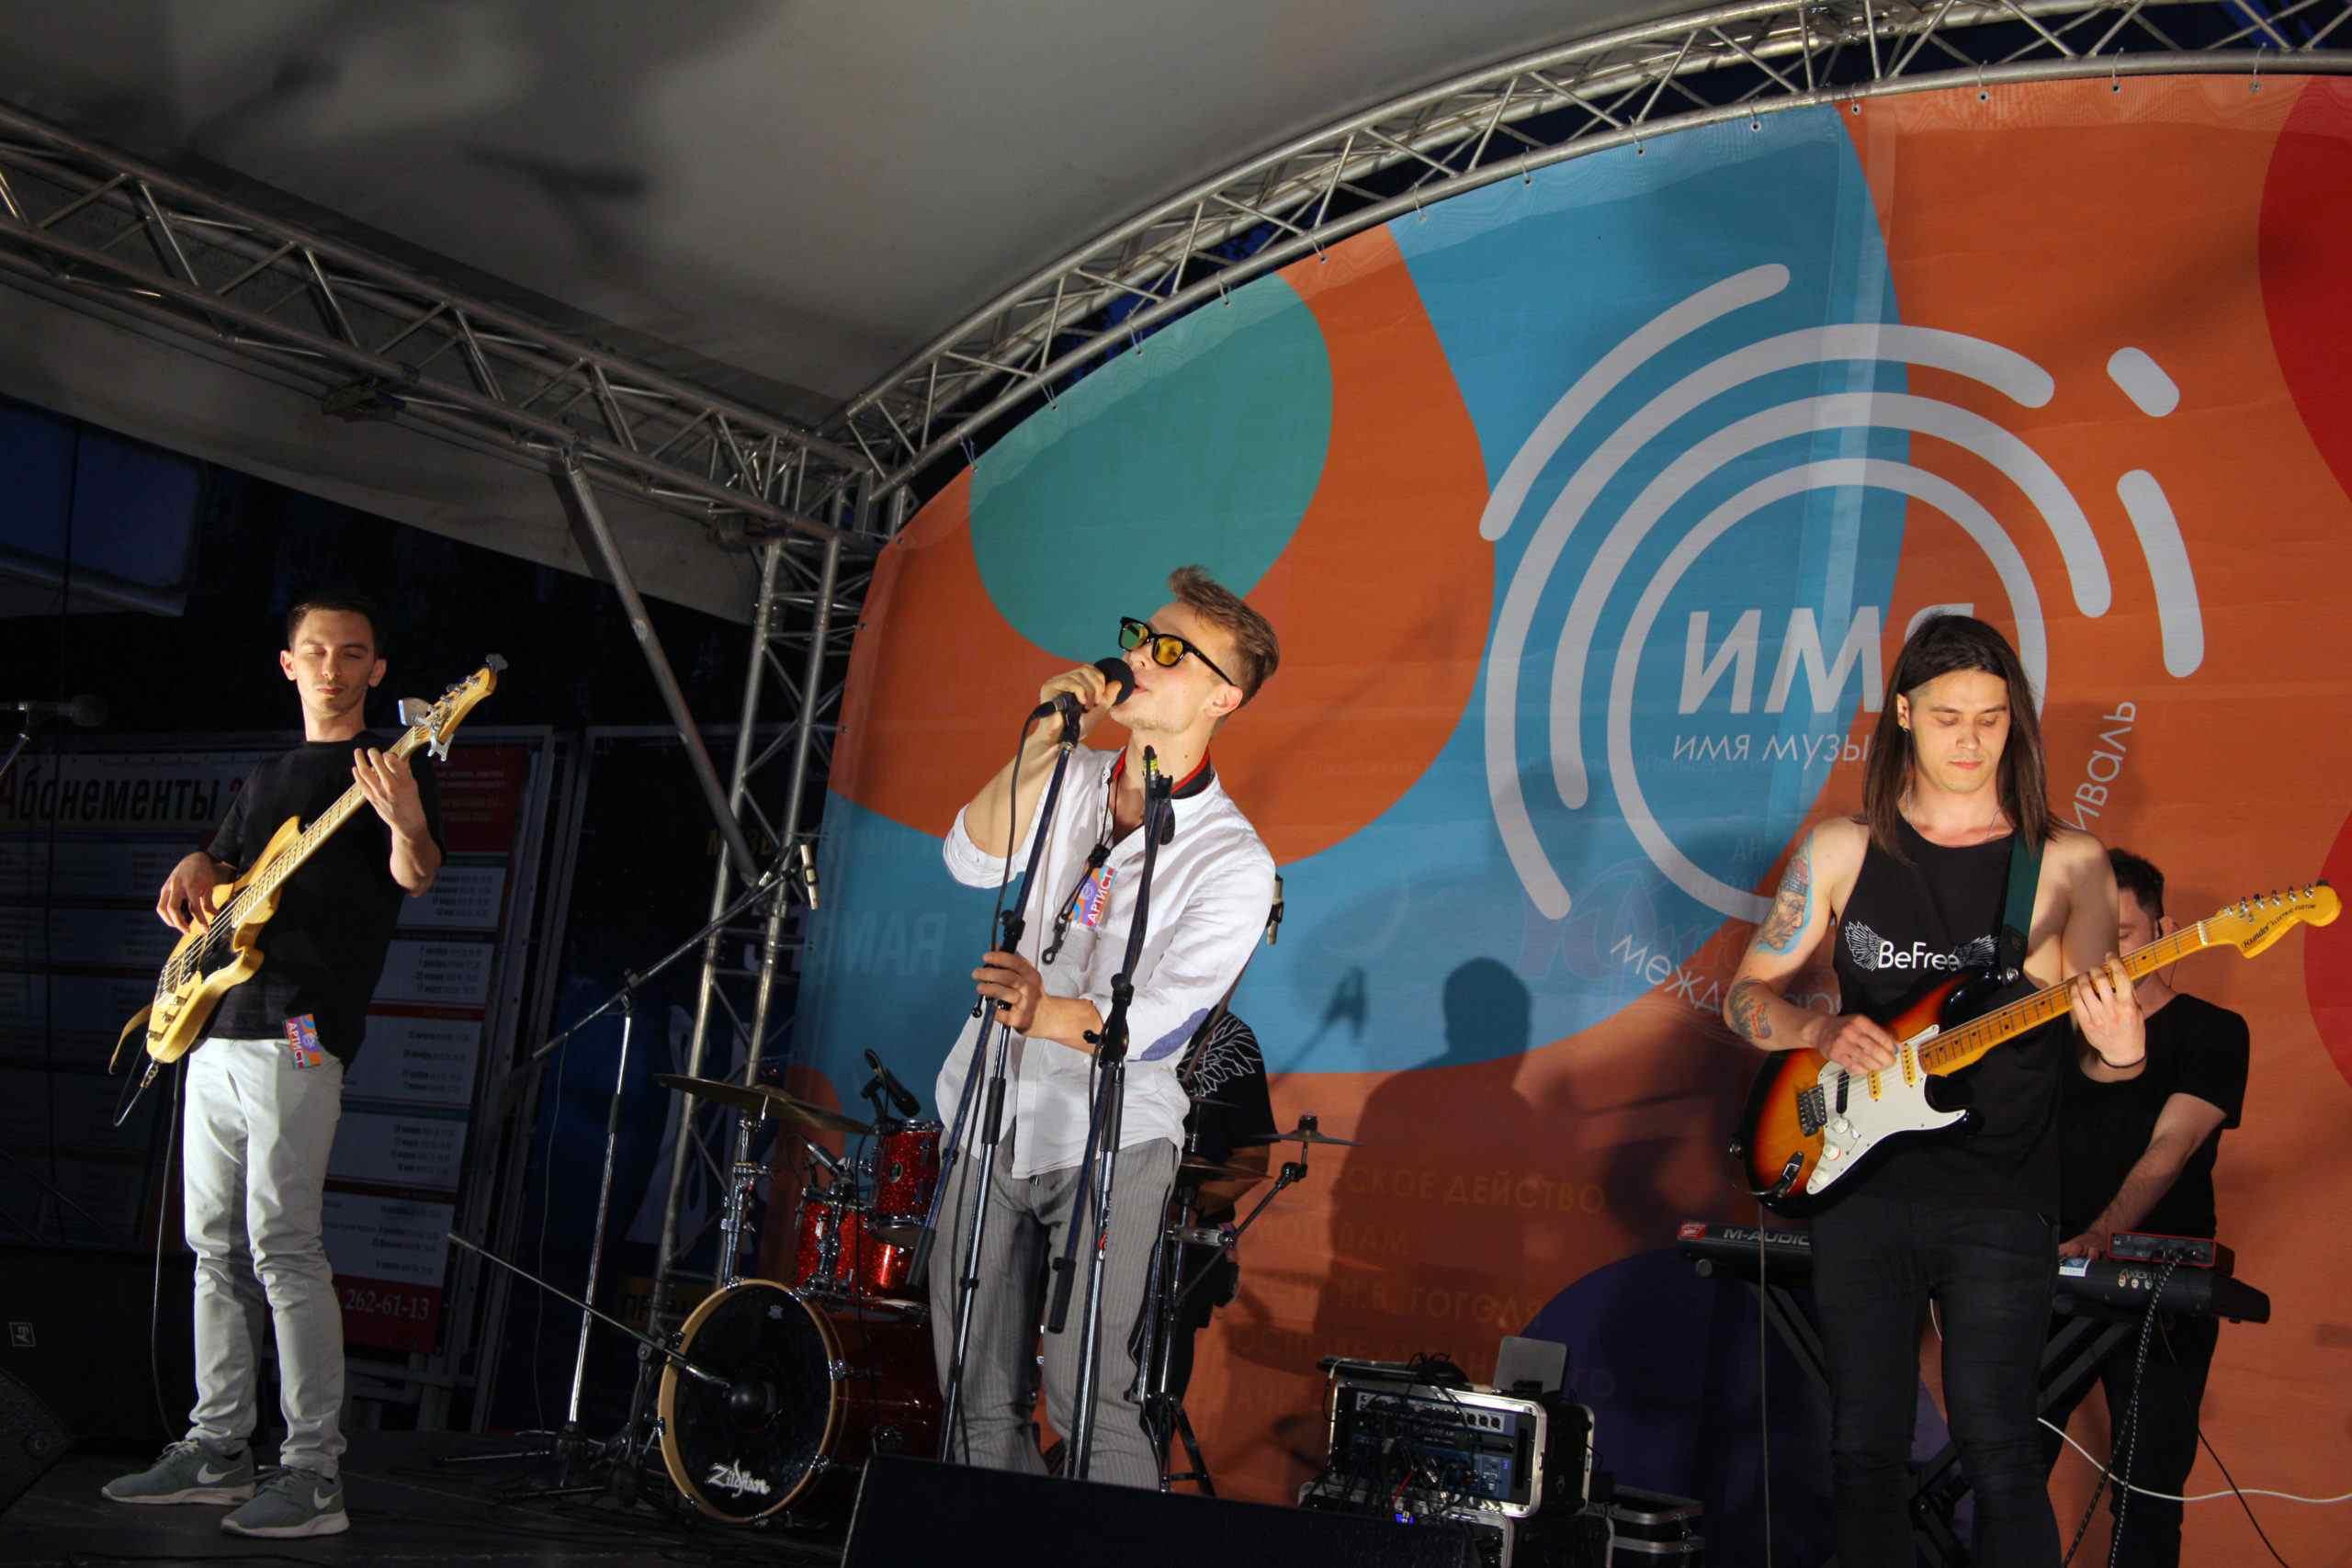 Бесплатный концерт в Абрау: джаз-дива, народники и не только